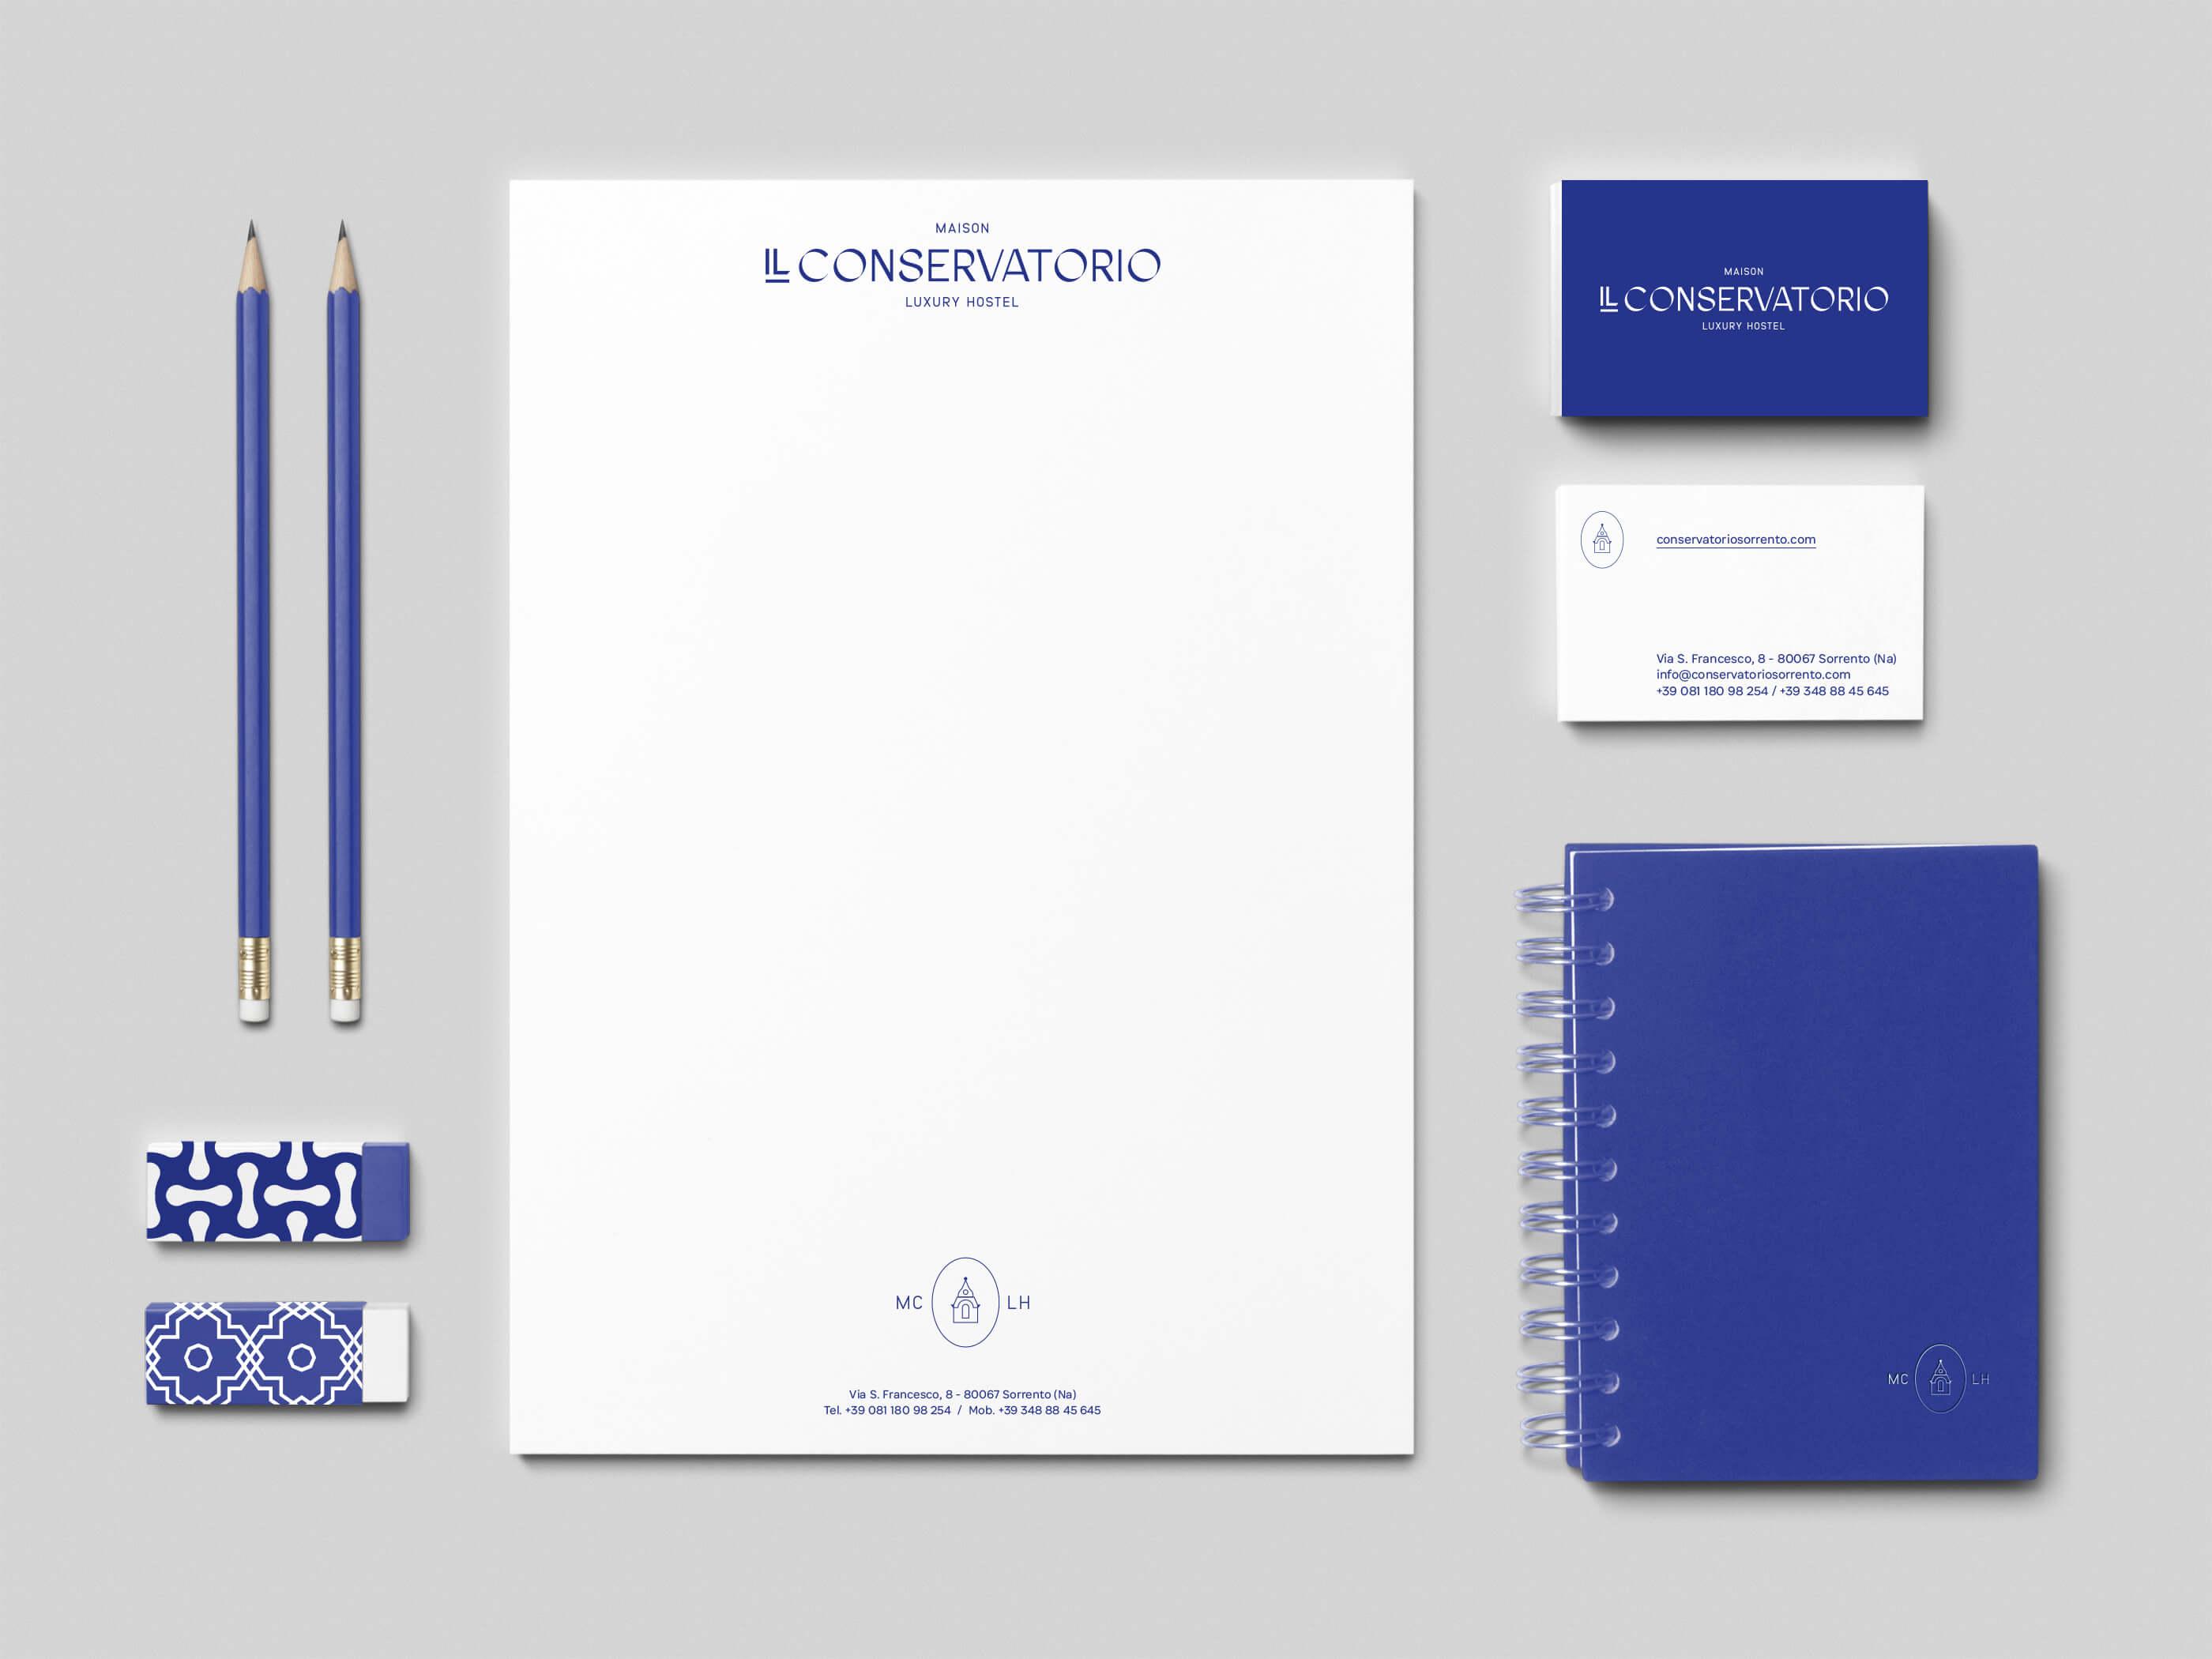 Maison Il Conservatorio精品酒店品牌形象设计